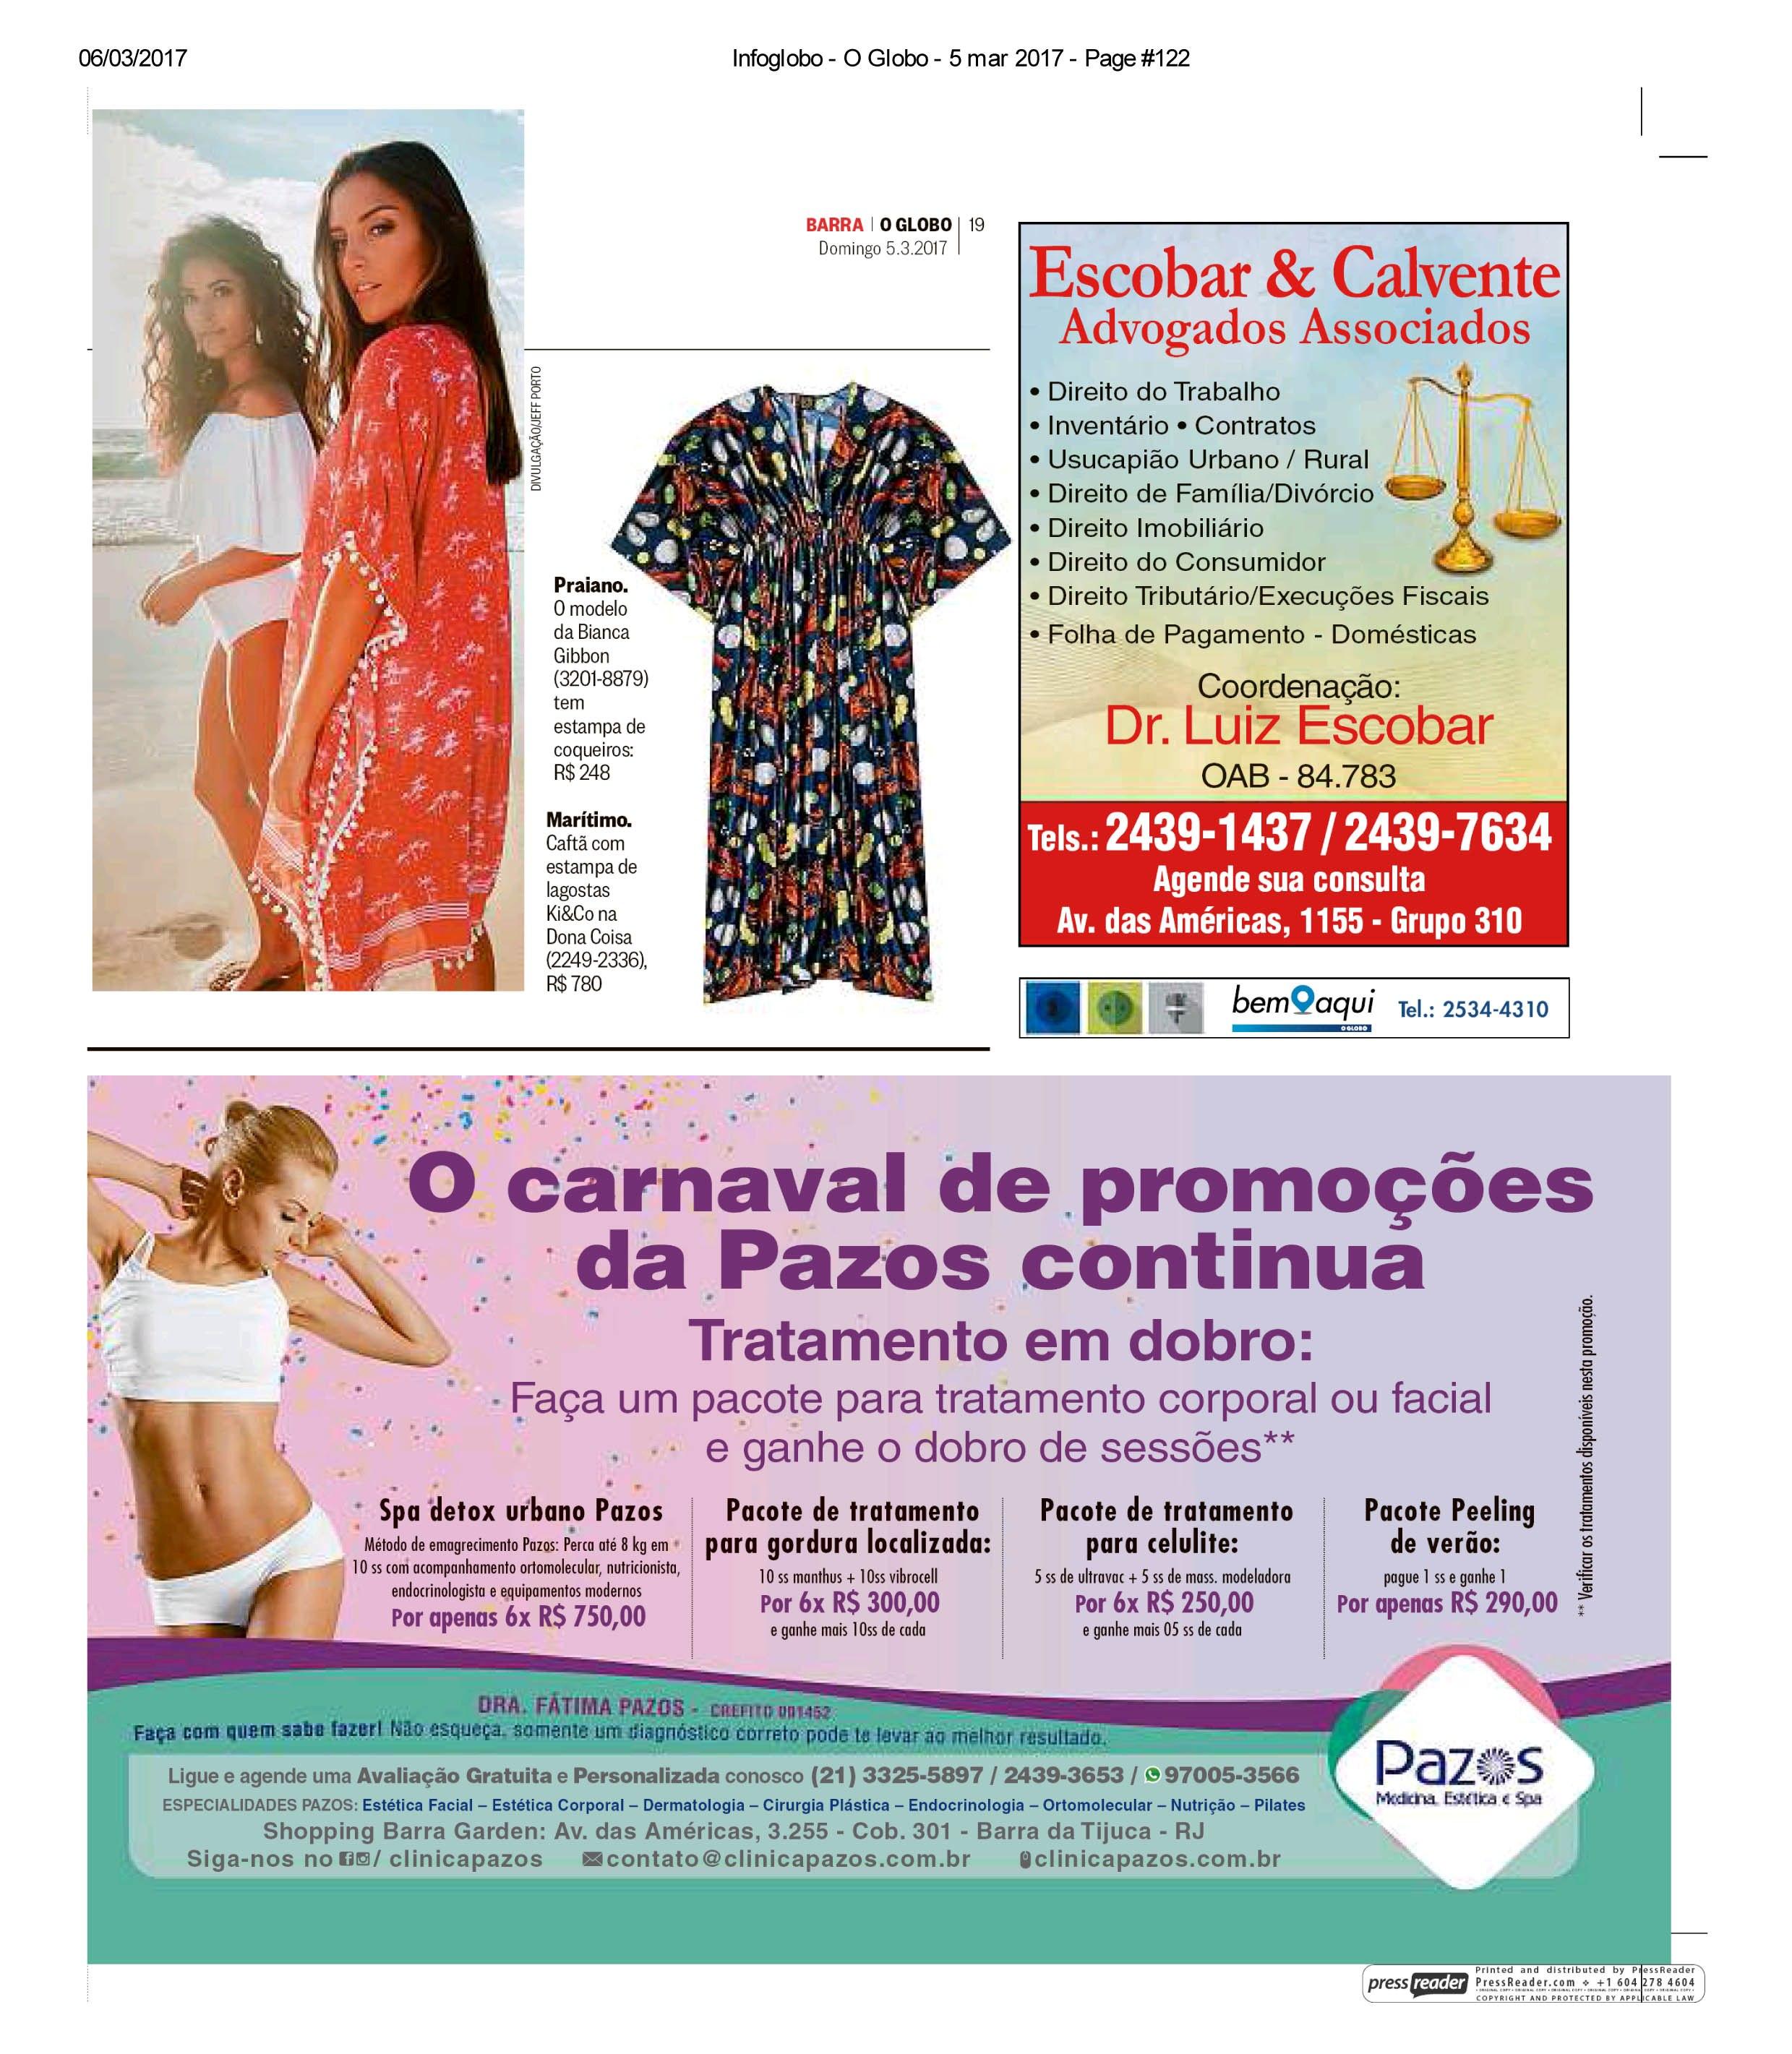 Ki&Co_05032017_OGloboBarra2